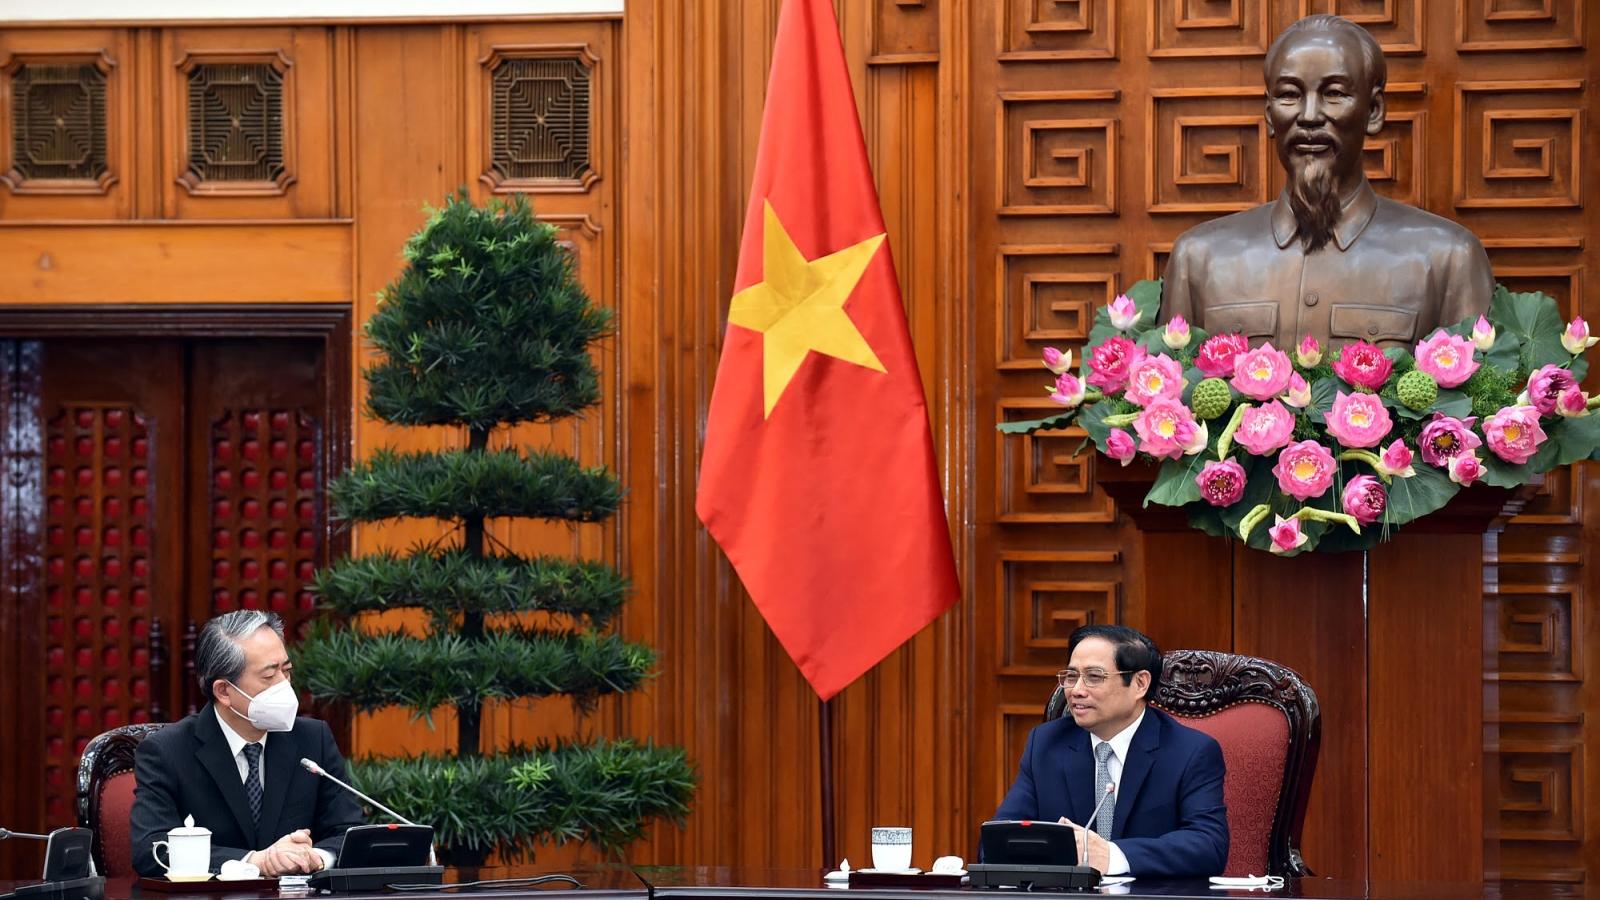 Thủ tướng Chính phủ Phạm Minh Chính tiếp Đại sứ Trung Quốc tại Việt Nam